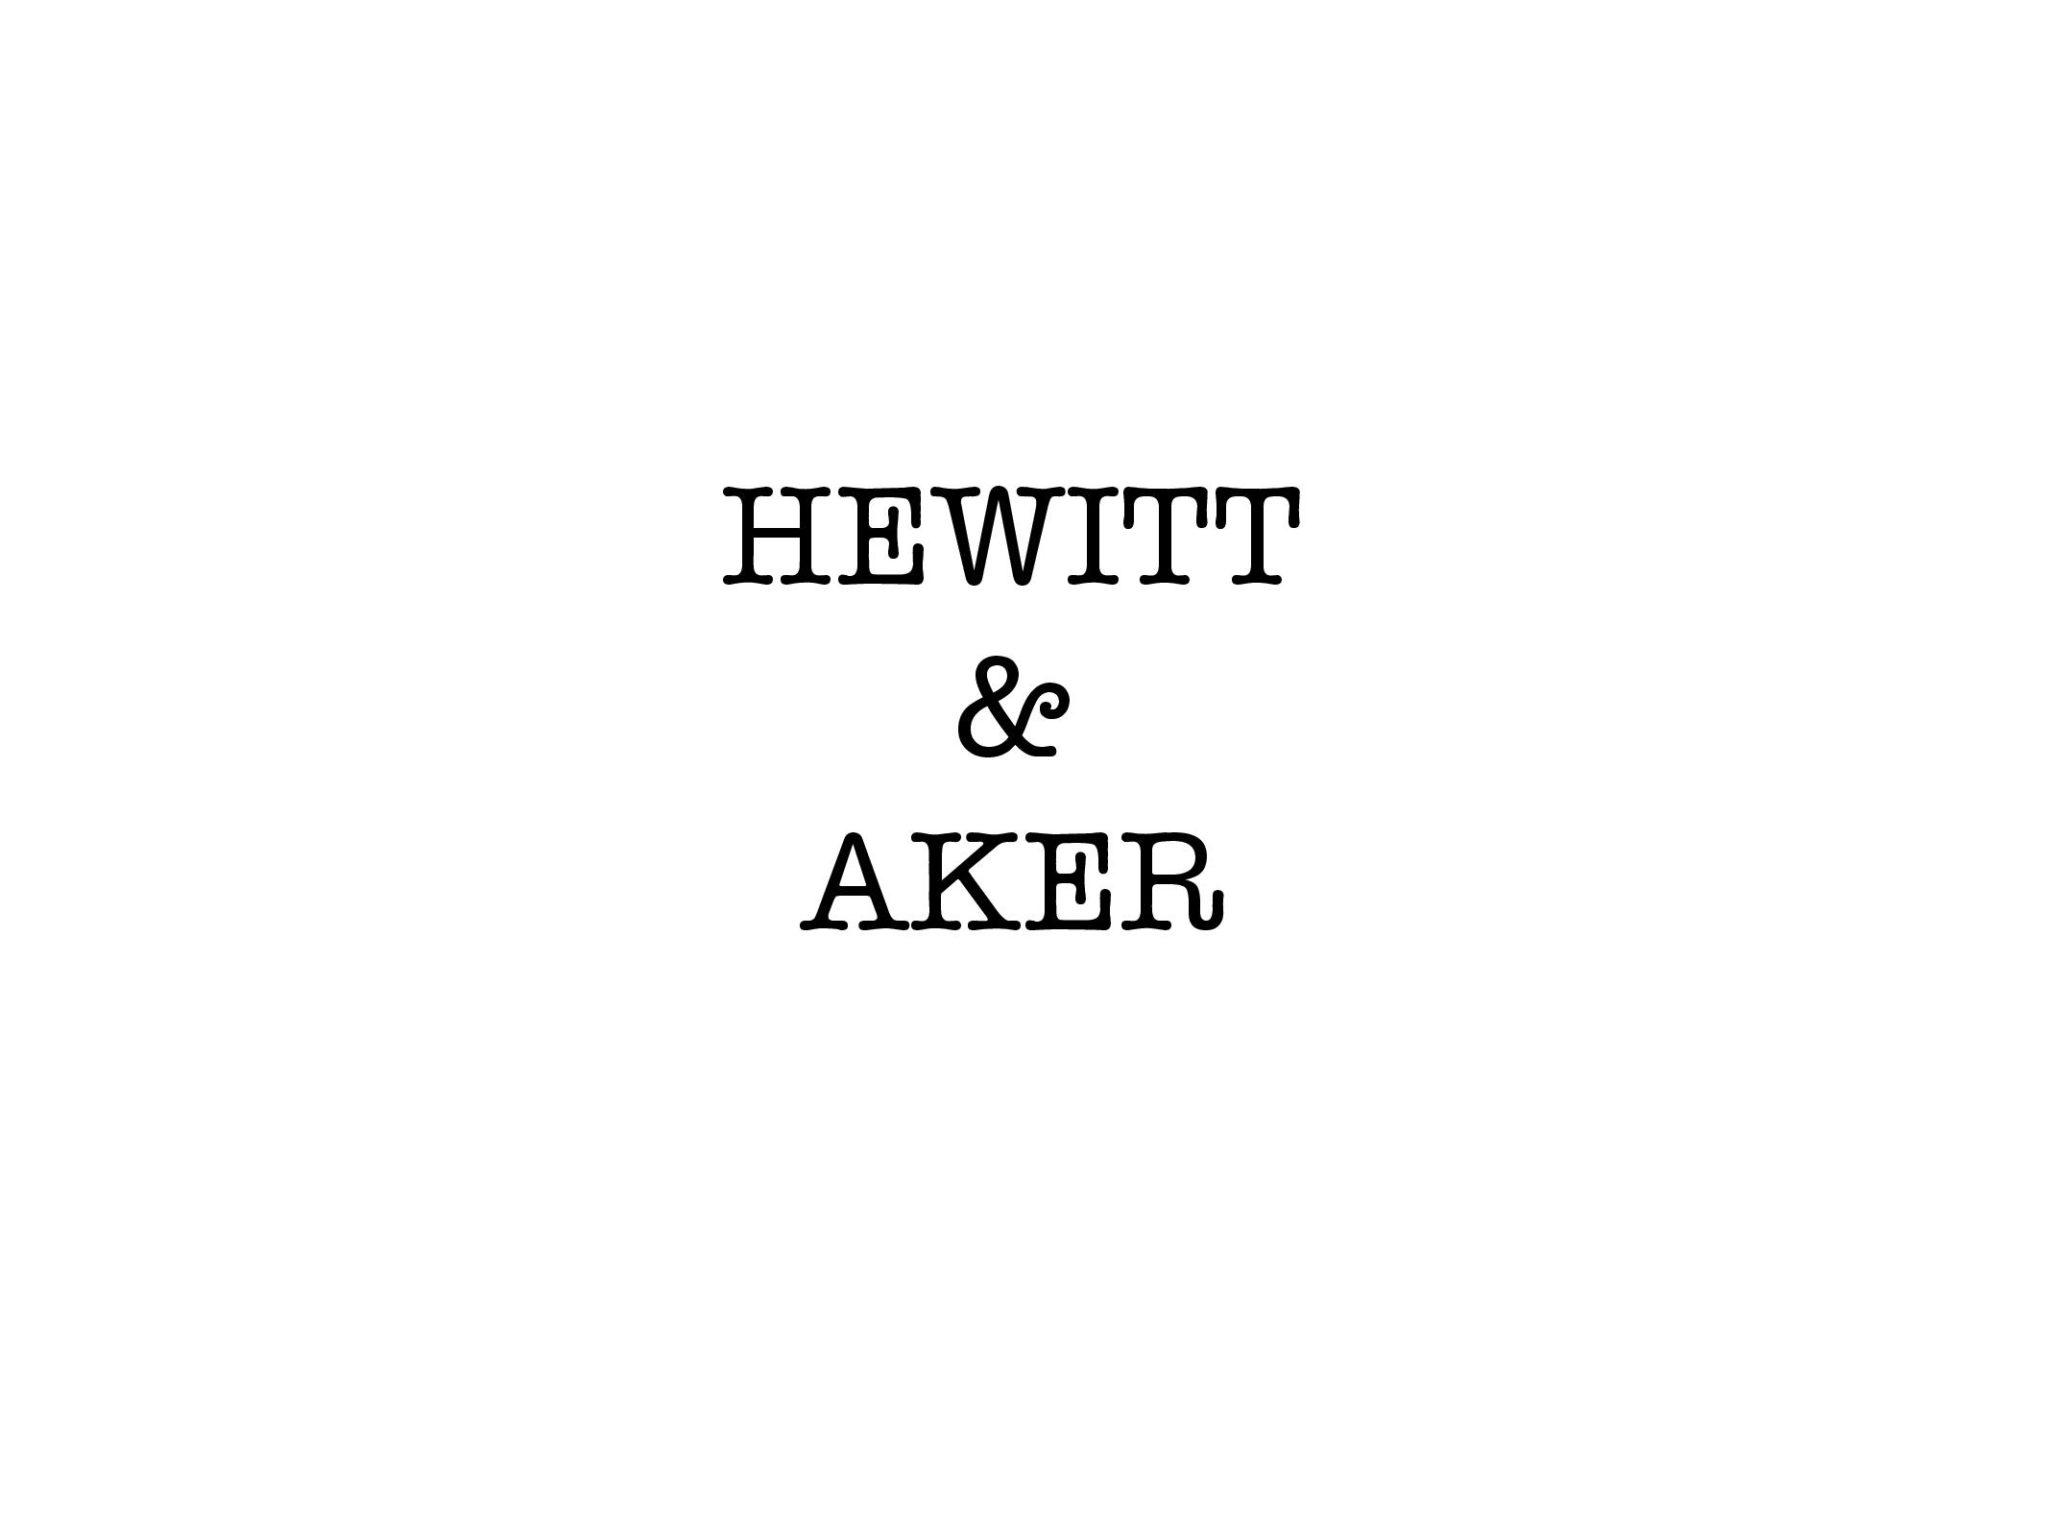 HEWITT & AKER-page-001